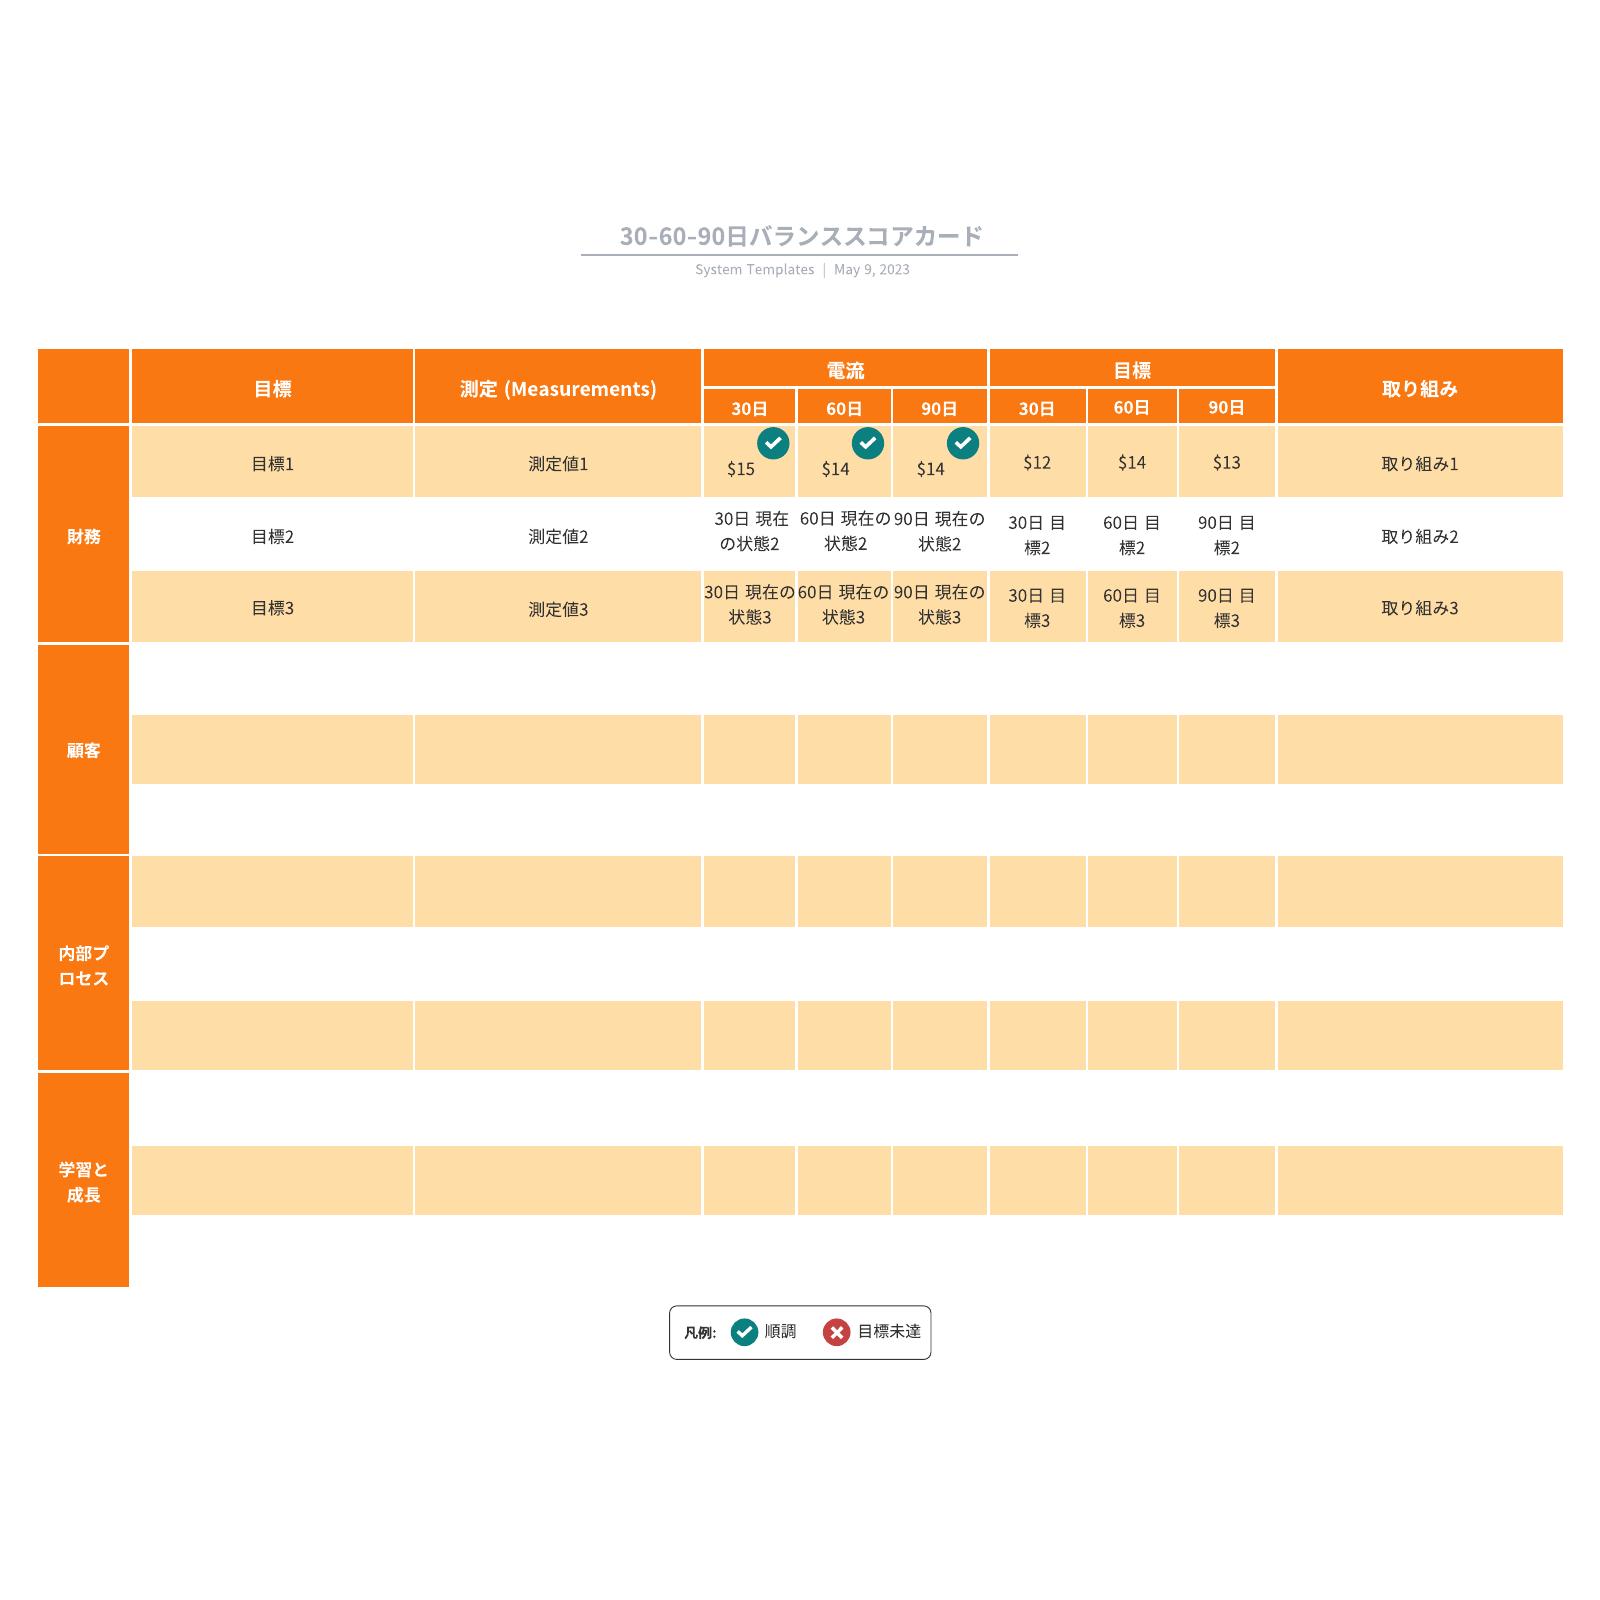 BSCバランススコアカードテンプレート戦略経営に最適!